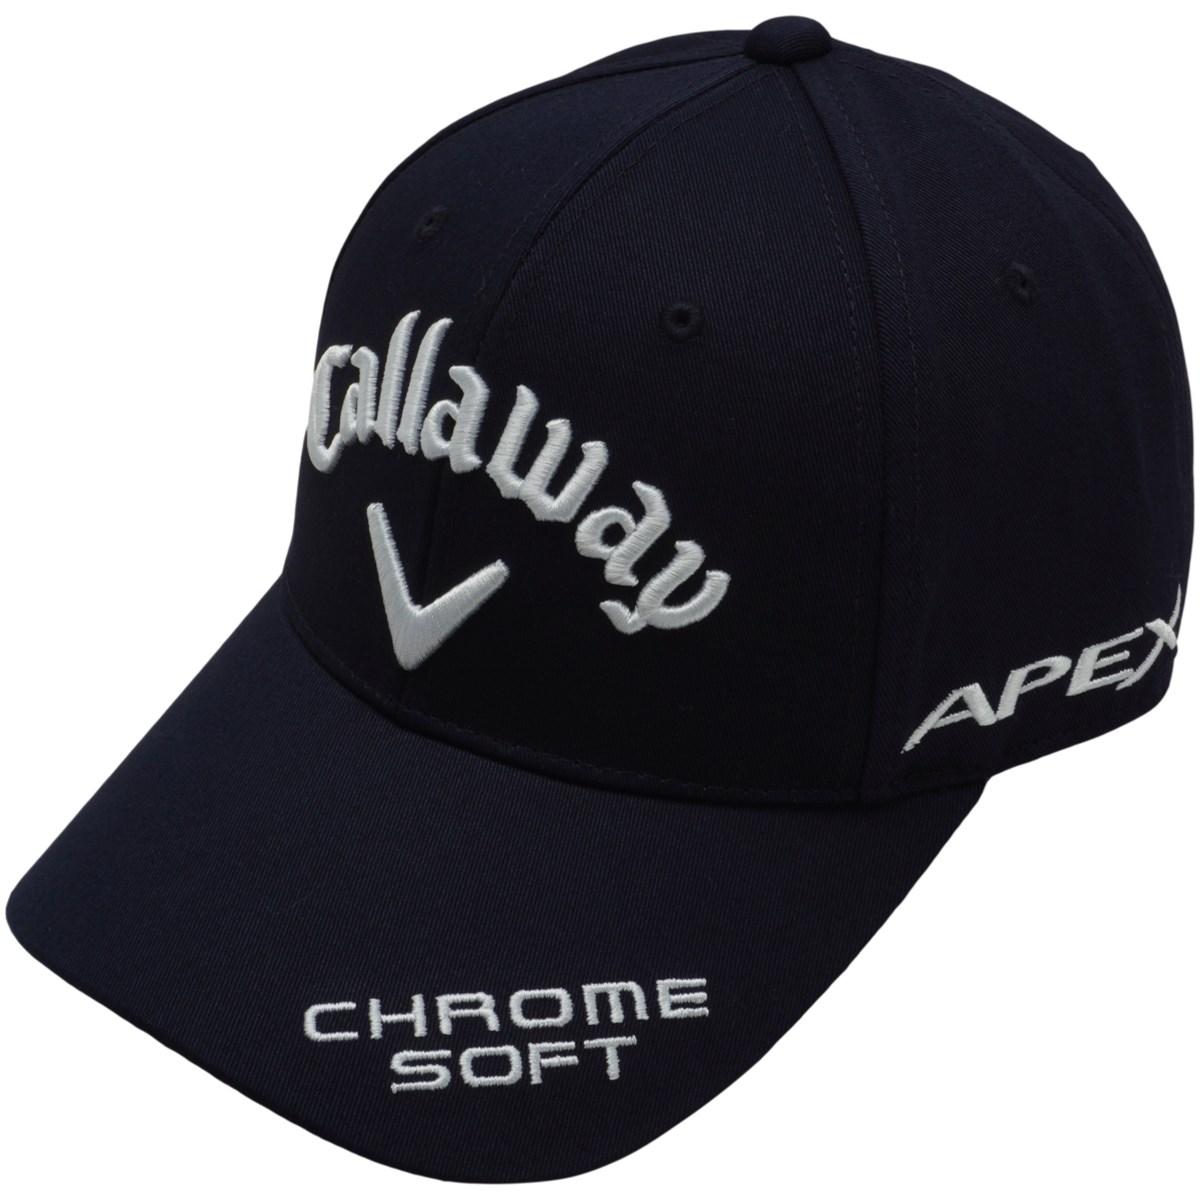 キャロウェイゴルフ Callaway Golf ツアーキャップ フリー ネイビー 120 レディス